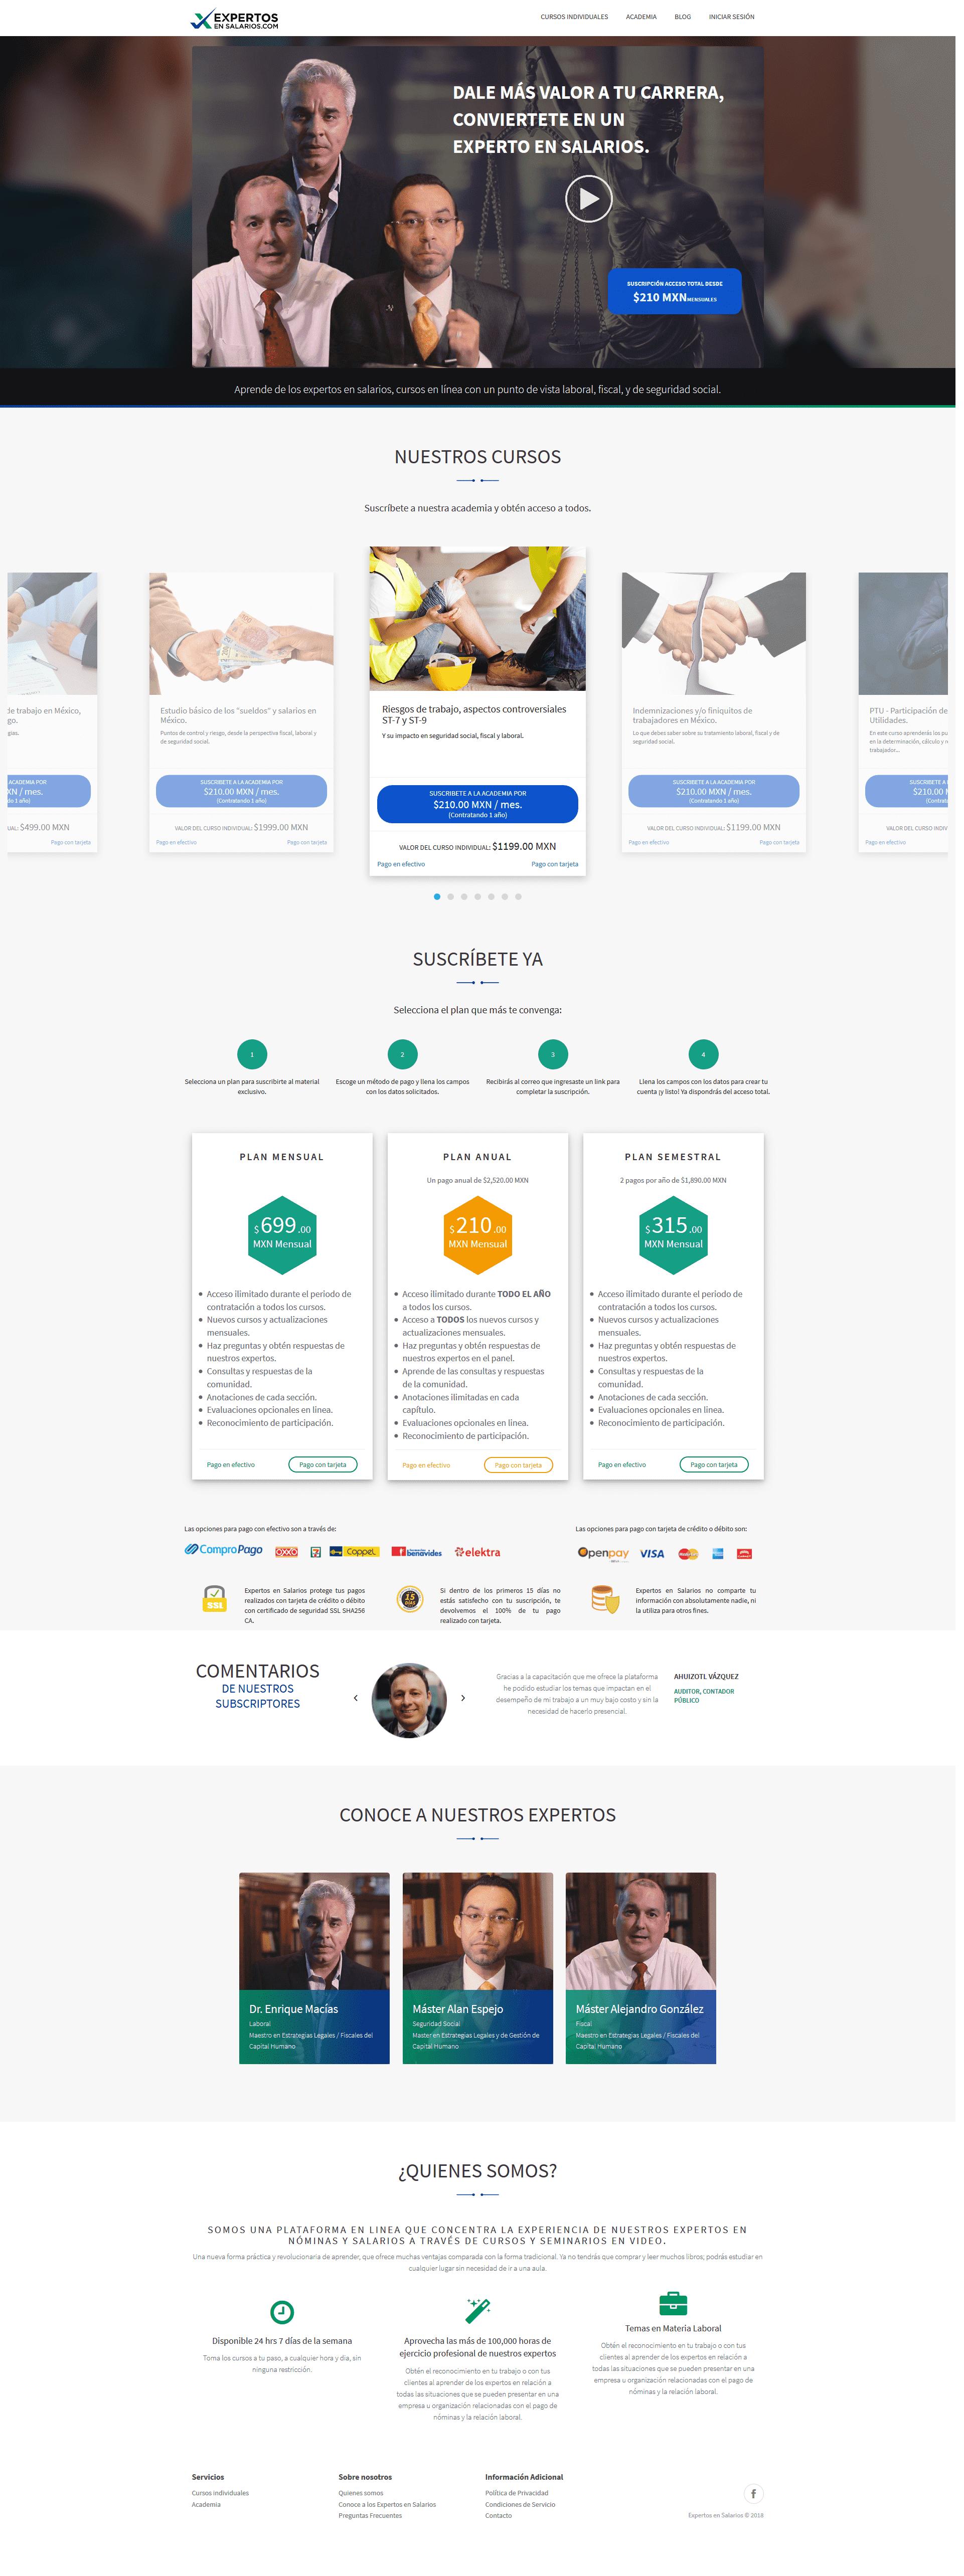 expertosensalarios_optimized